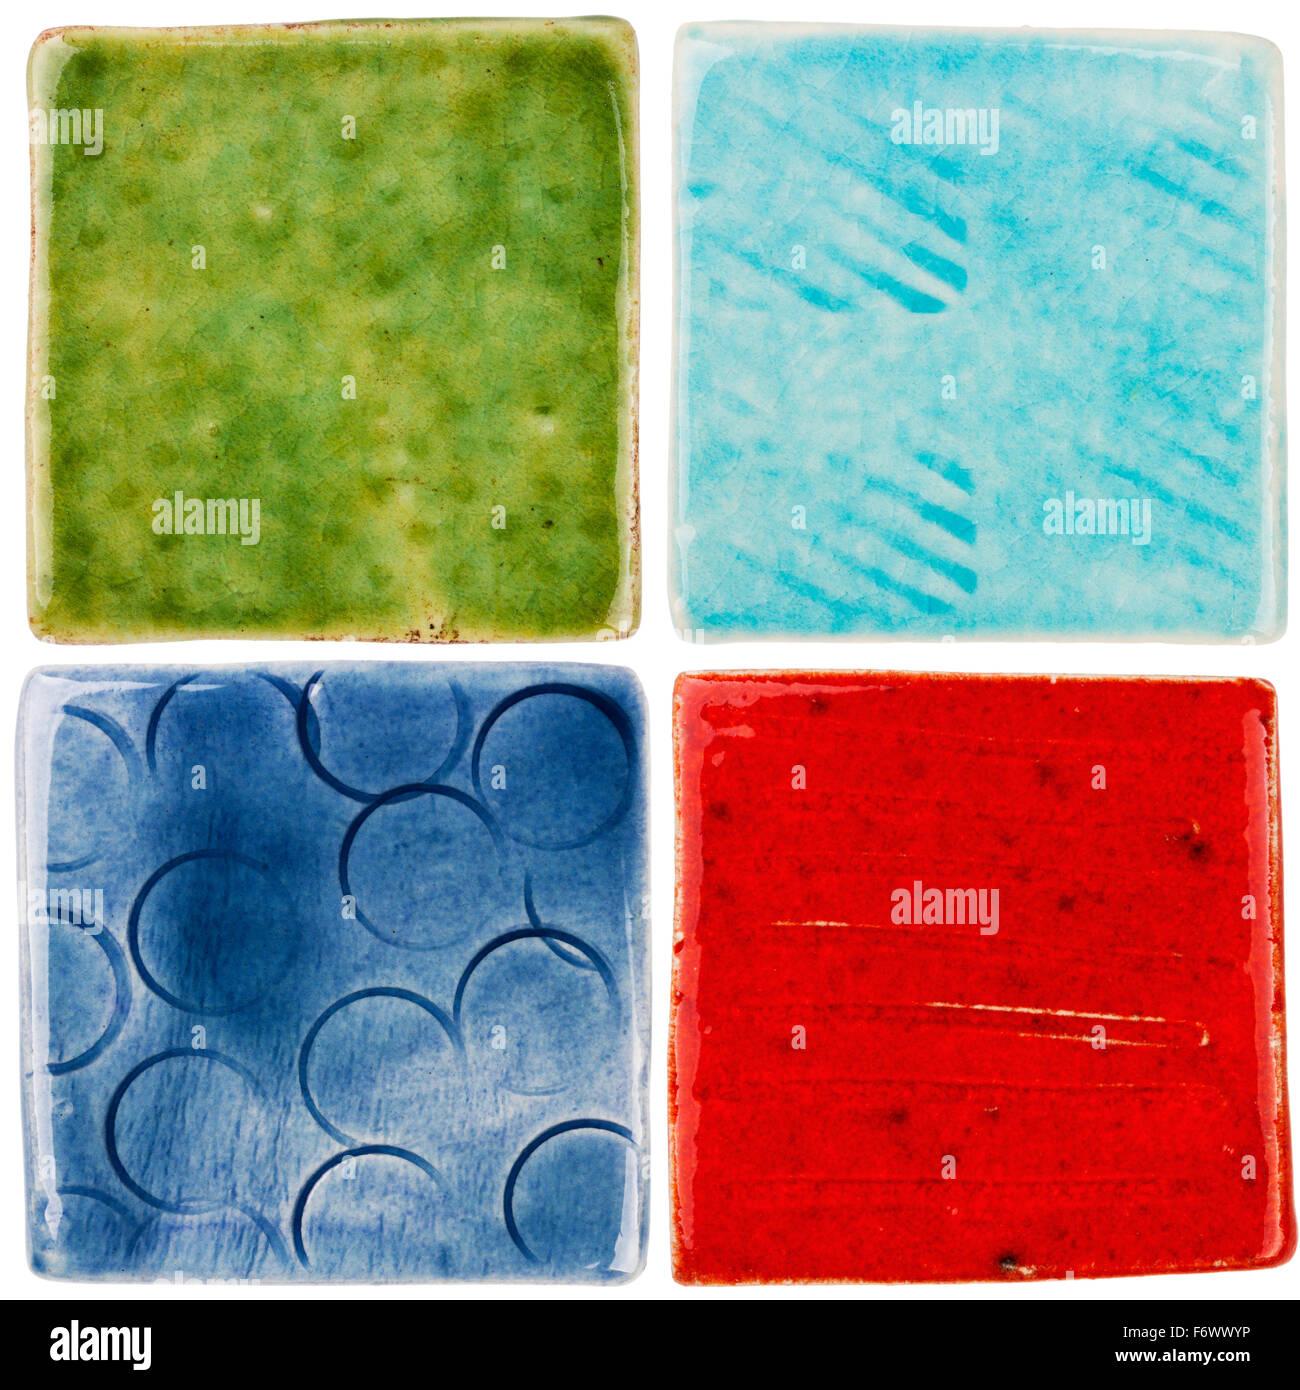 Handmade glazed ceramic tiles isolated on white stock photo handmade glazed ceramic tiles isolated on white dailygadgetfo Choice Image